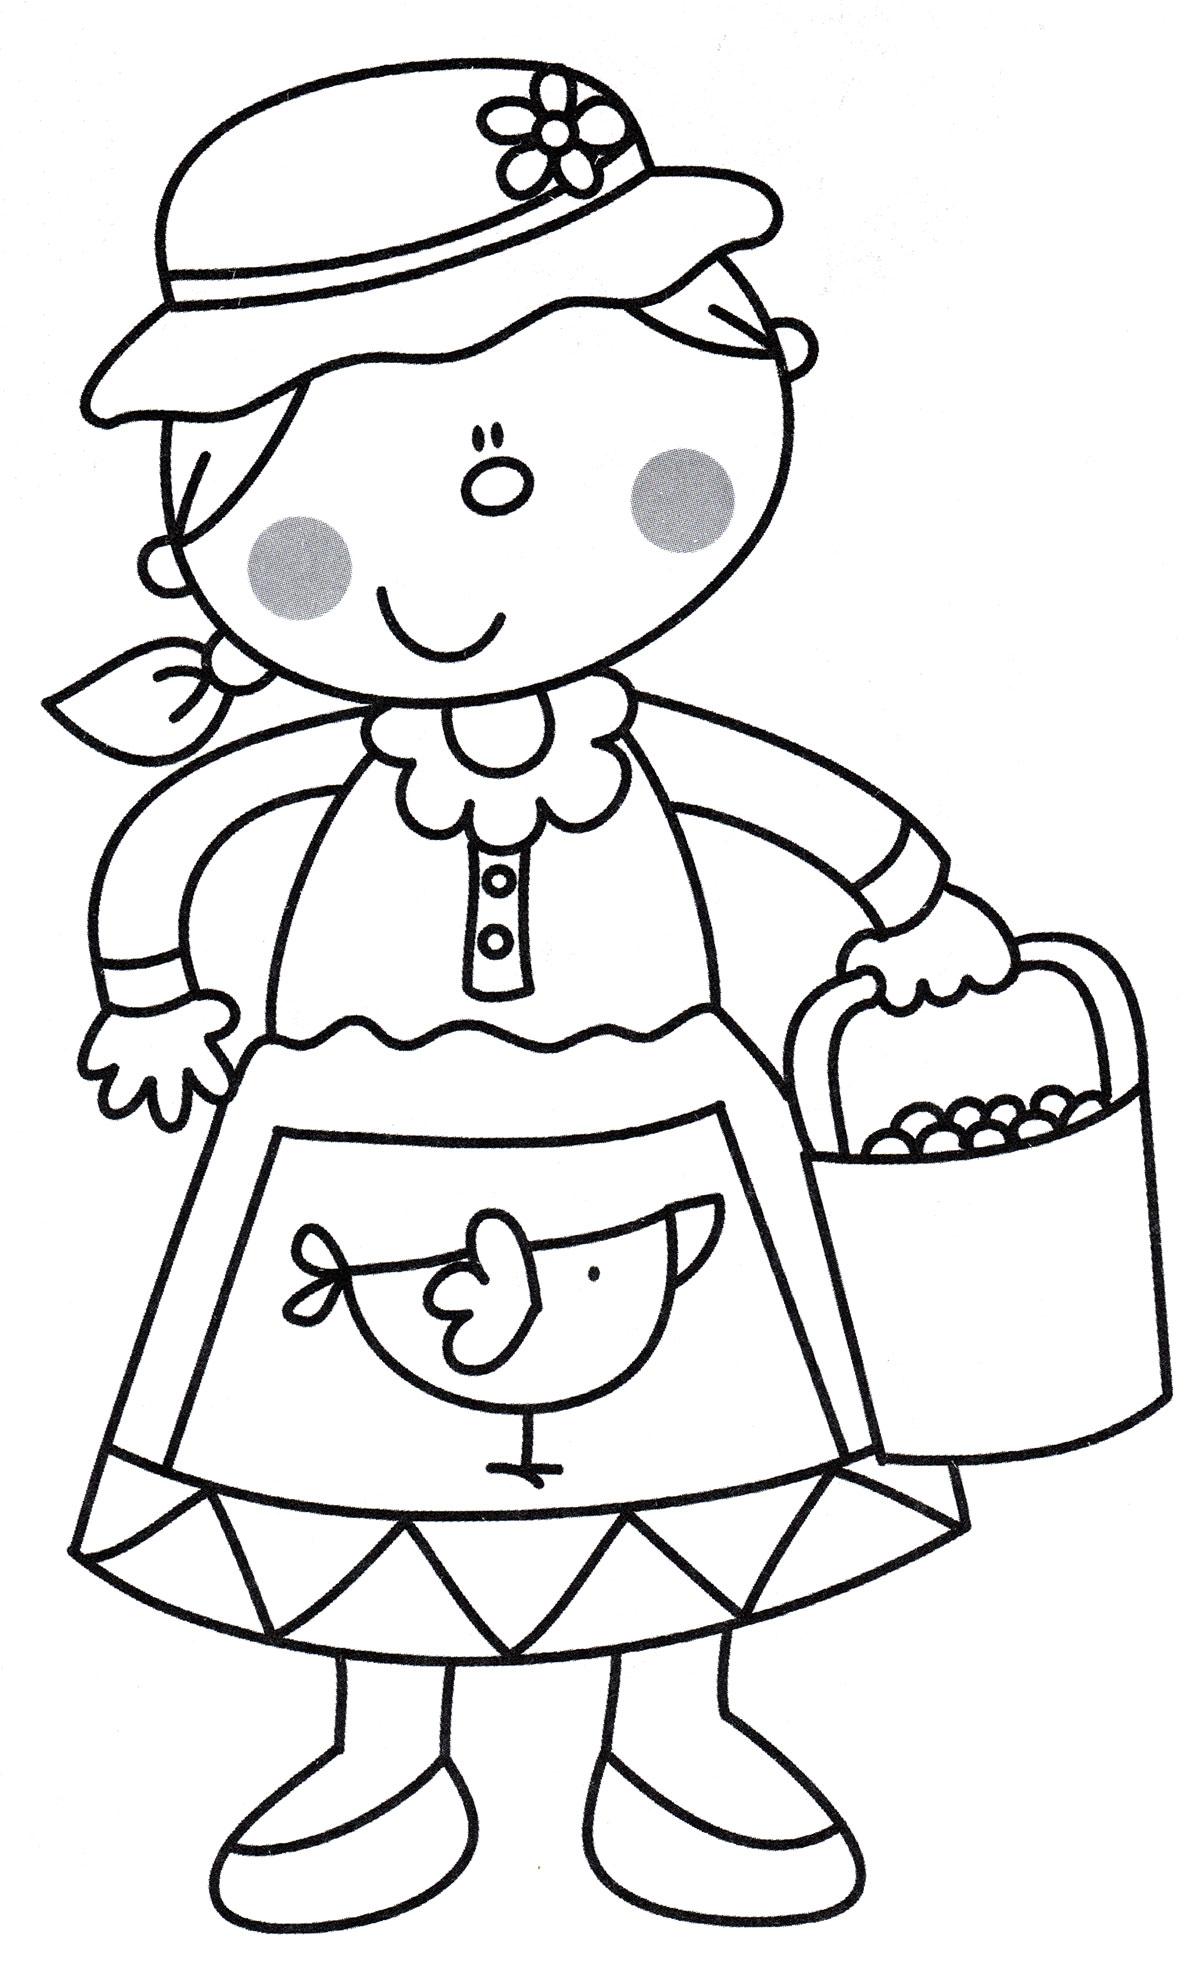 Раскраска Фермерша с ведром - распечатать бесплатно